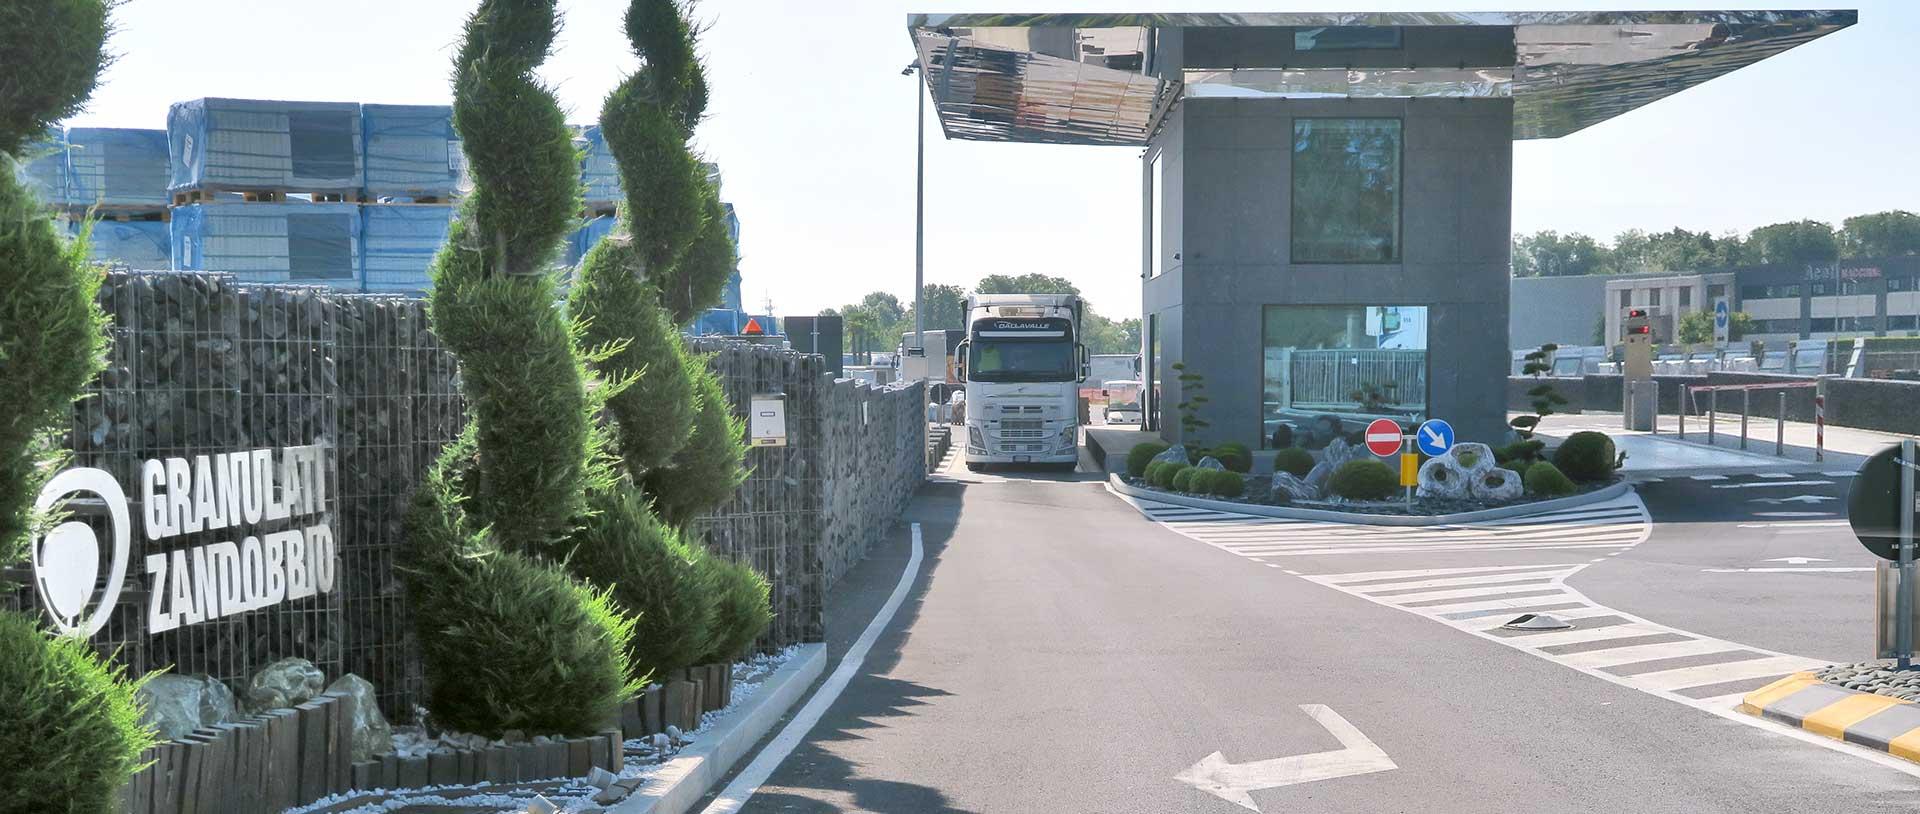 Gravelfix prodotto di Granulati Zandobbio logo leader nel settore dell'architettura del paesaggio